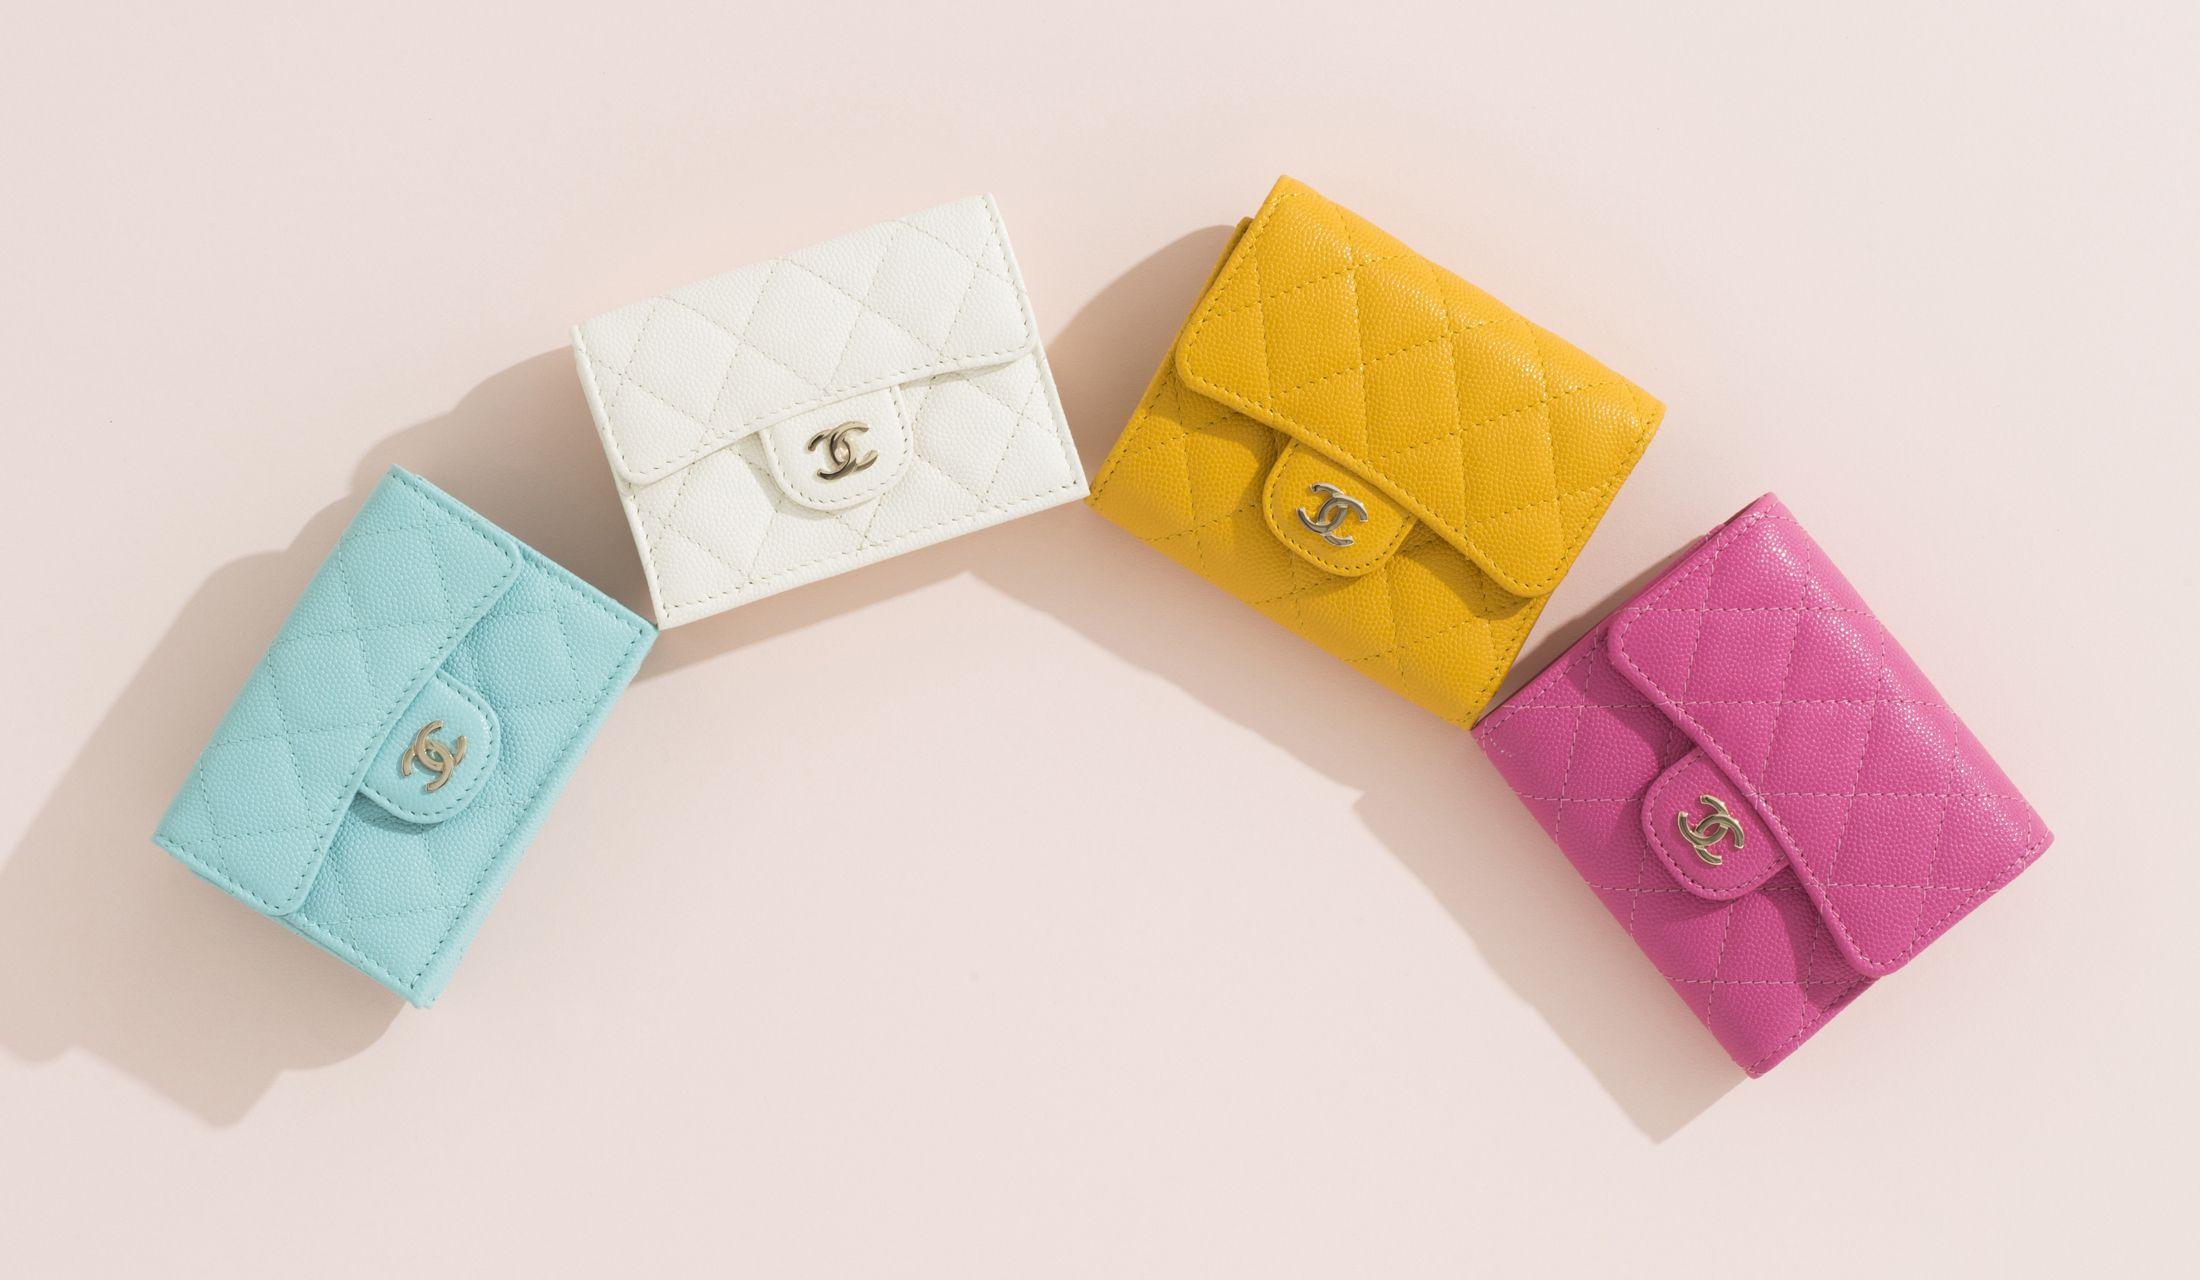 55a85f13e25d 「シャネルのミニ財布」が使いやすくて可愛いと話題   Precious.jp(プレシャス)